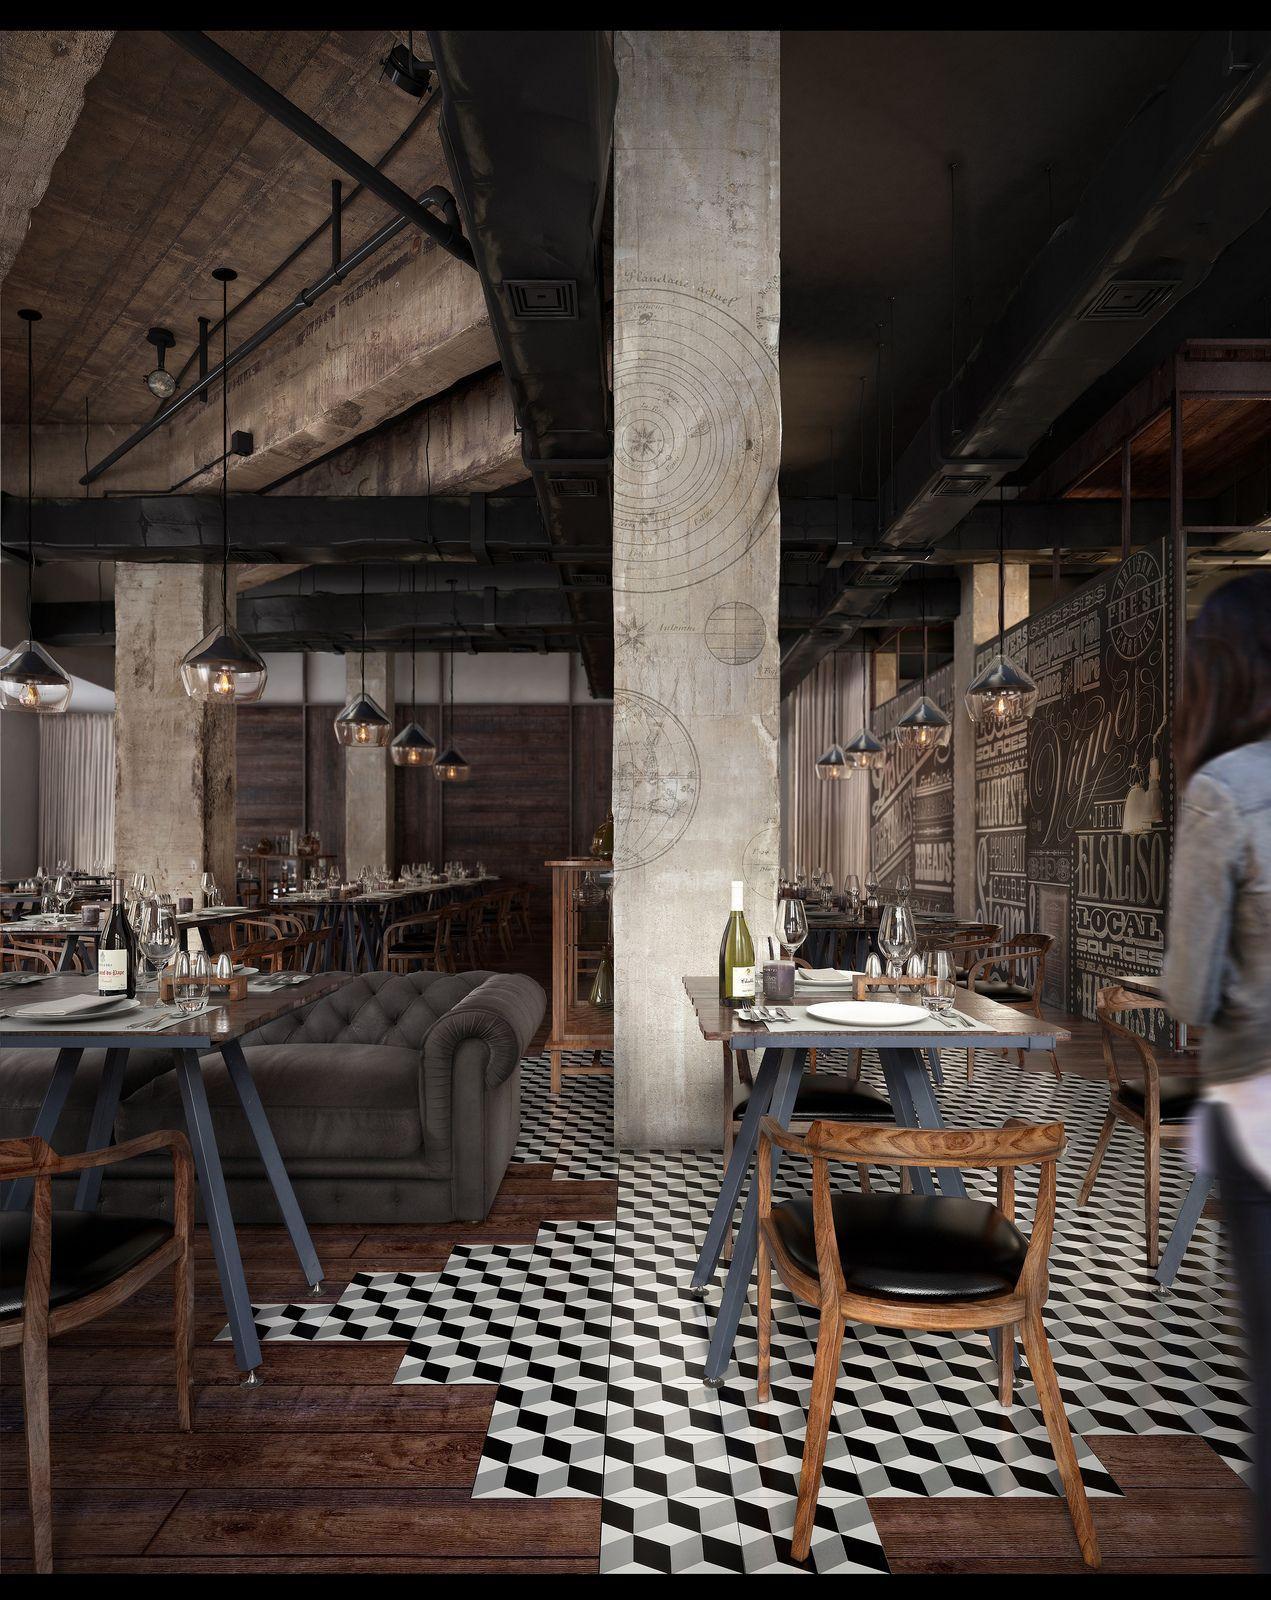 Mercato restaurant horeca design pinterest caf for Deko inneneinrichtung